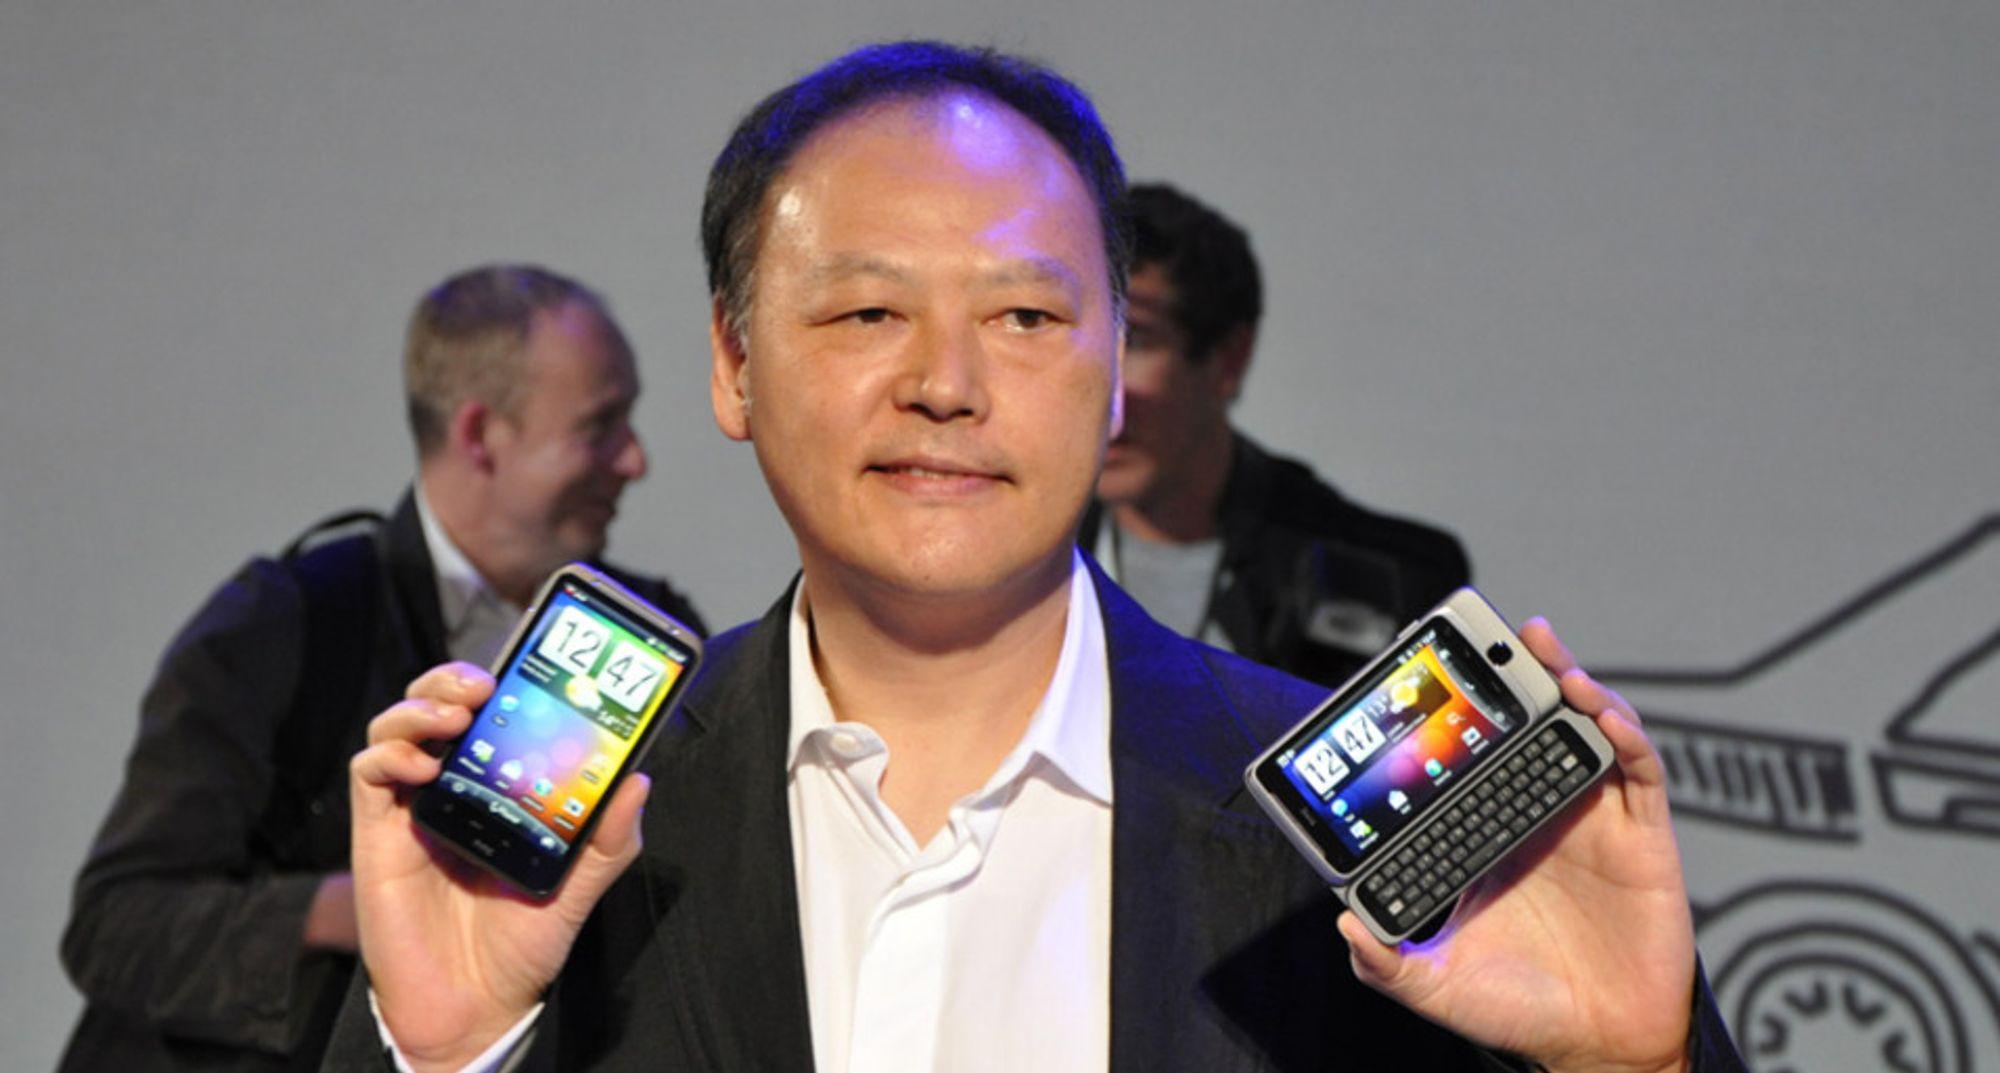 Svakere enn forventet for HTC